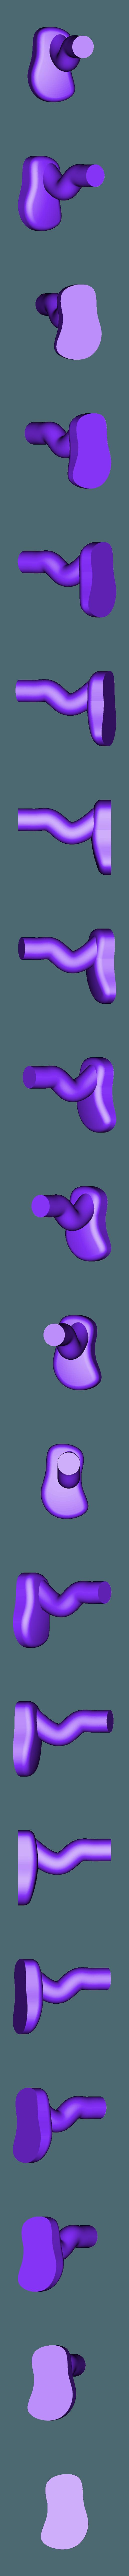 right_foot.stl Télécharger fichier STL gratuit Modèle standard super-symétrique minimal bosons de Higgs • Objet imprimable en 3D, Mostlydecaf